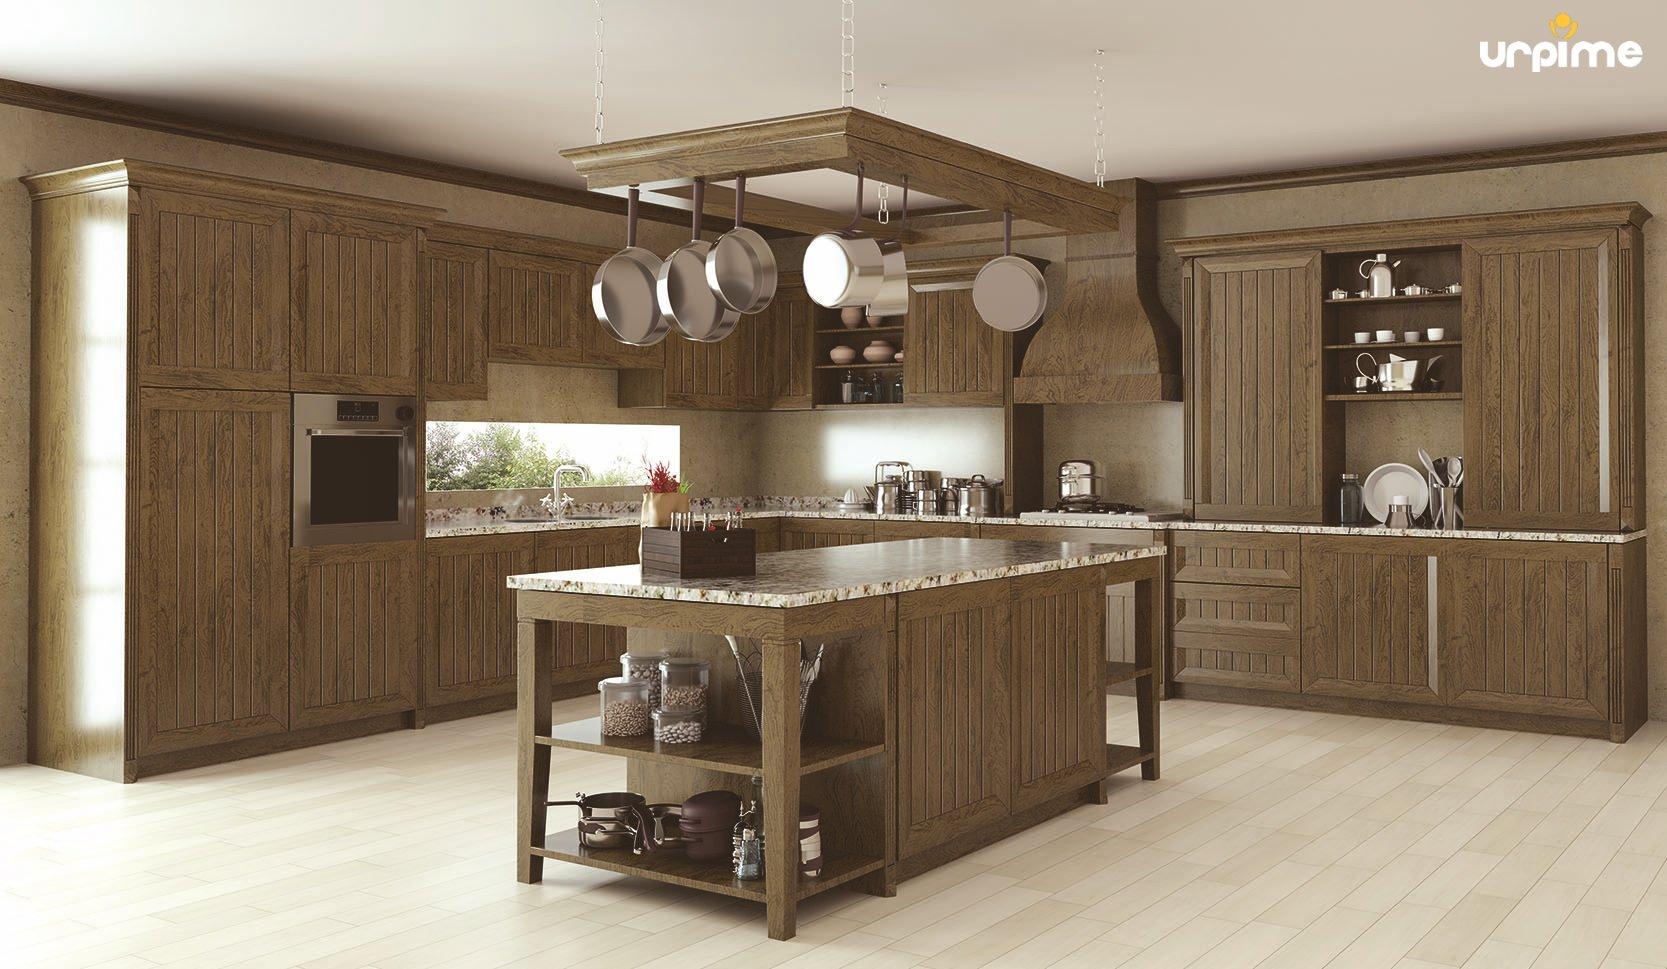 Ideas para amueblar la cocina urpime - Ver cocinas montadas ...